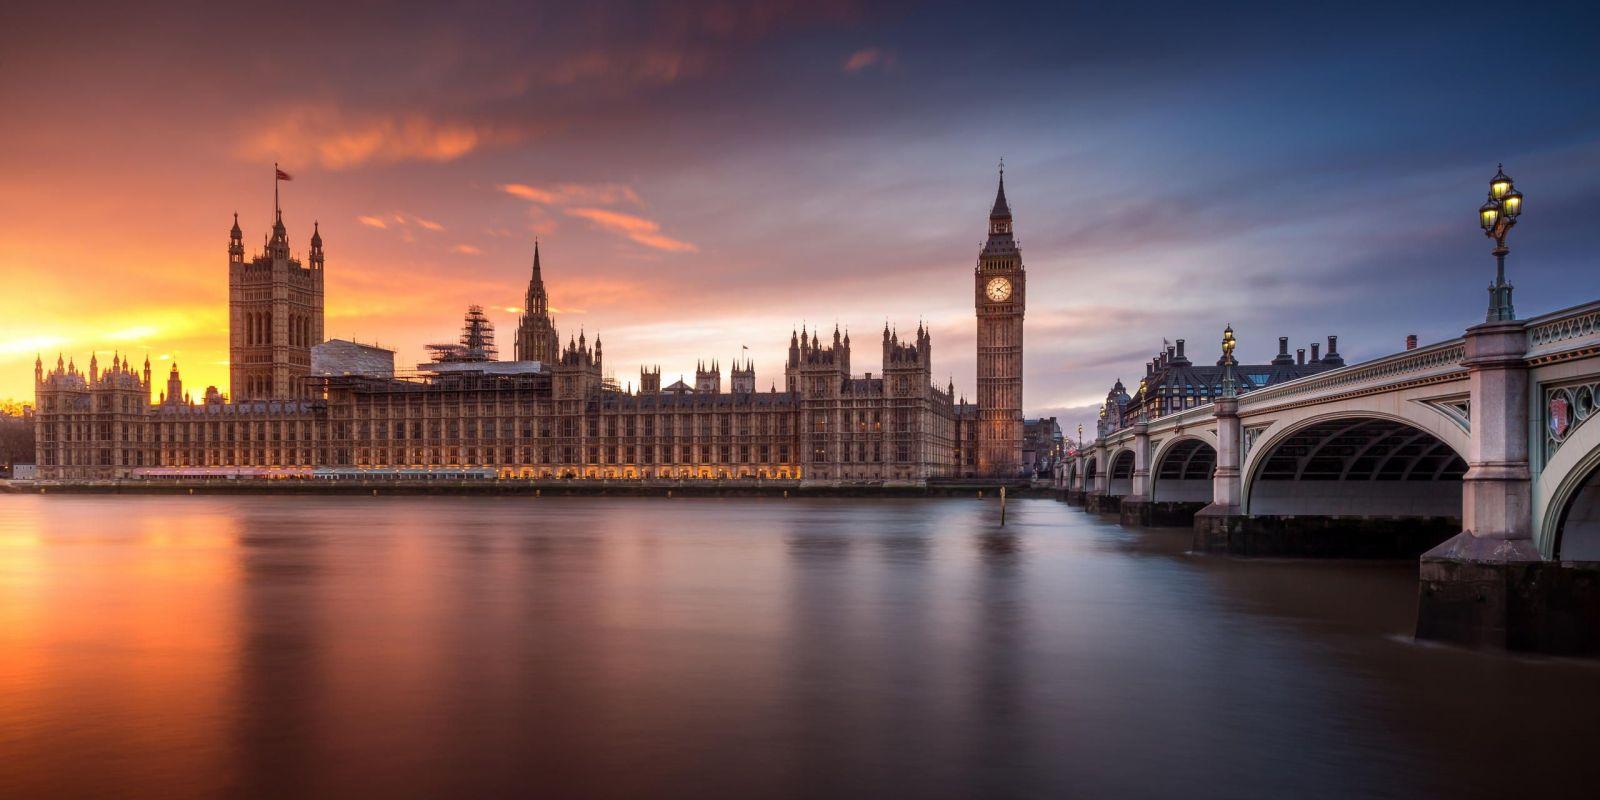 Λονδίνο το κλείσιμο δωρεάν